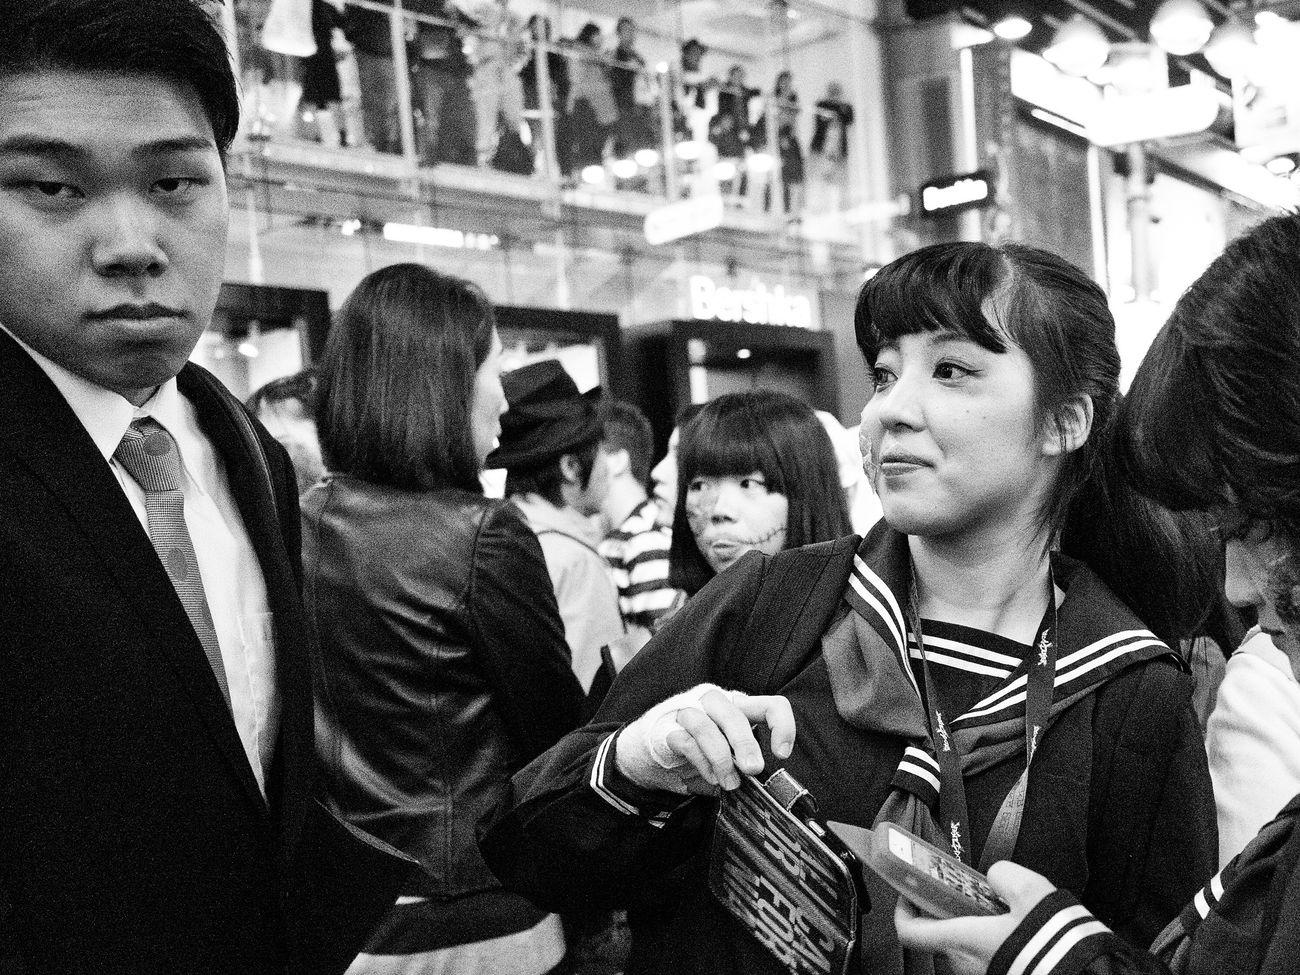 Streetphotography Streetphotographer Streetphotographers Streetphoto_bw Streetphoto Street Tokyo Shibuya SHINJYUKU